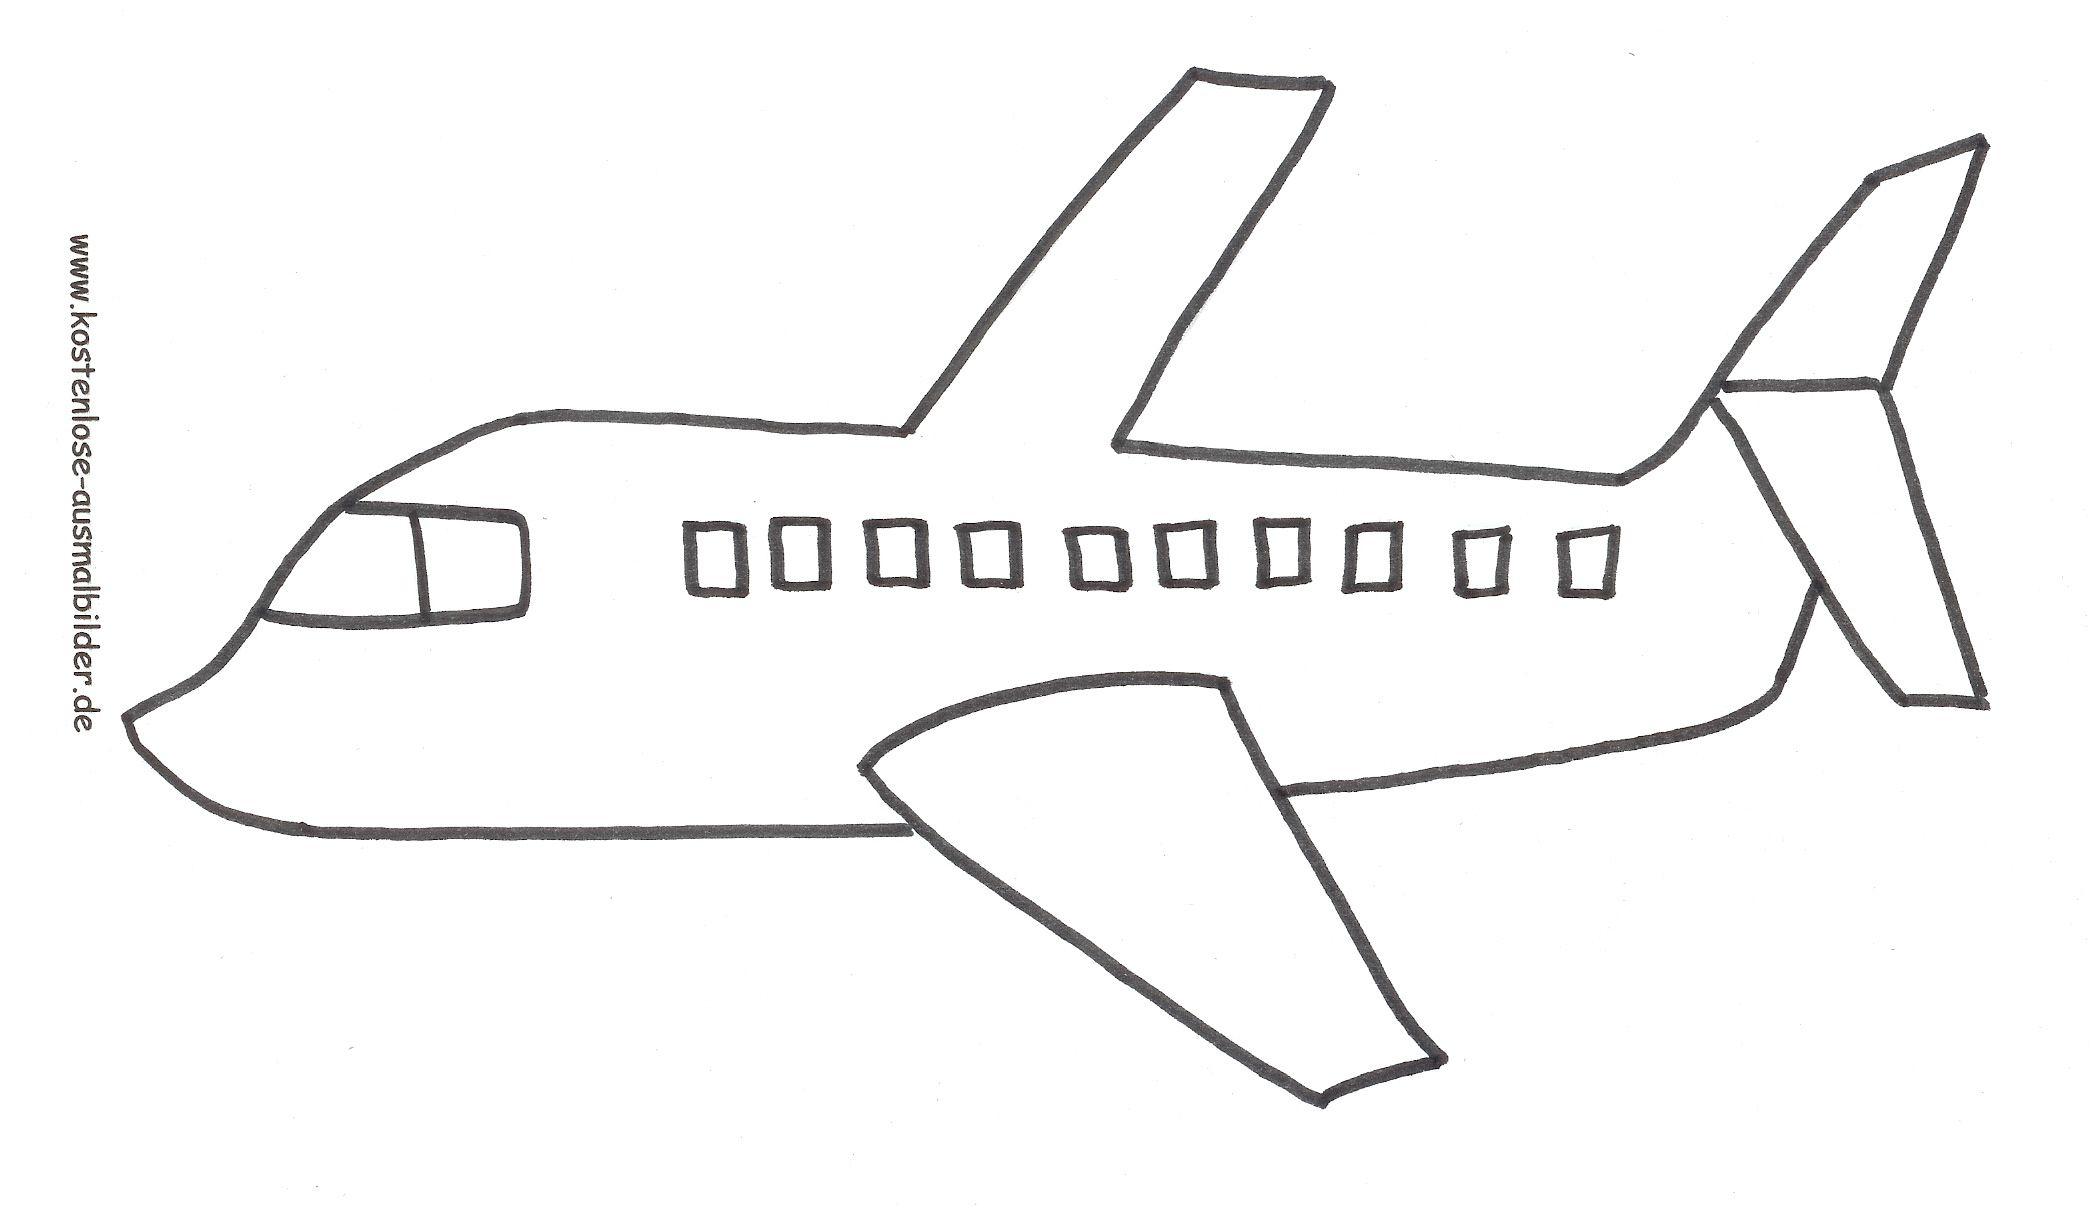 Flugzeug Malvorlage (Mit Bildern) | Flugzeug Ausmalbild mit Ausmalbild Flugzeug